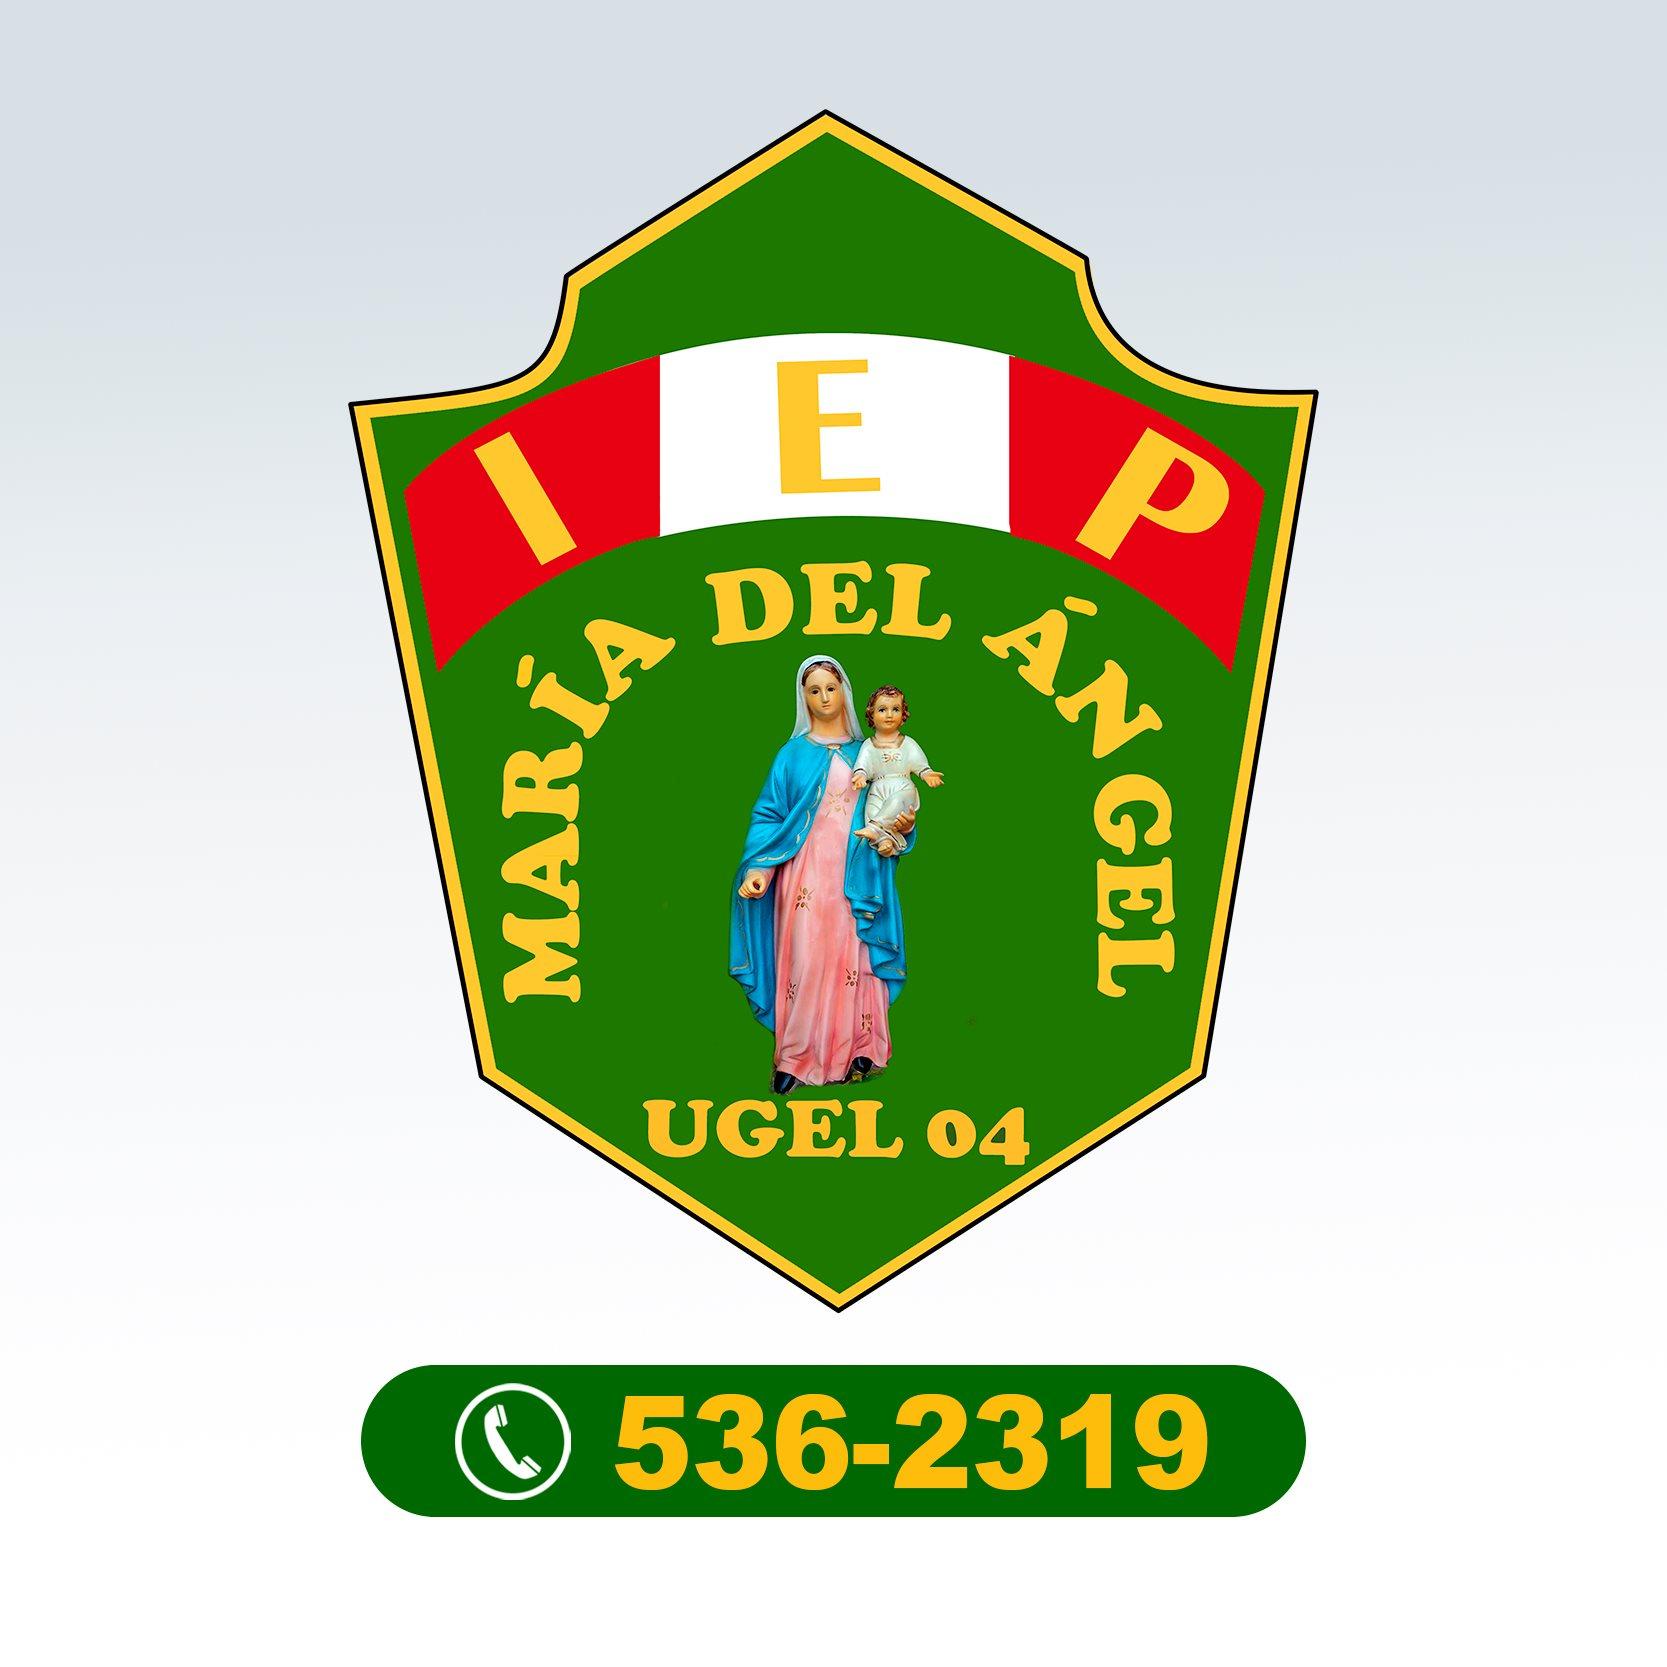 Colegio y academia María del íngel